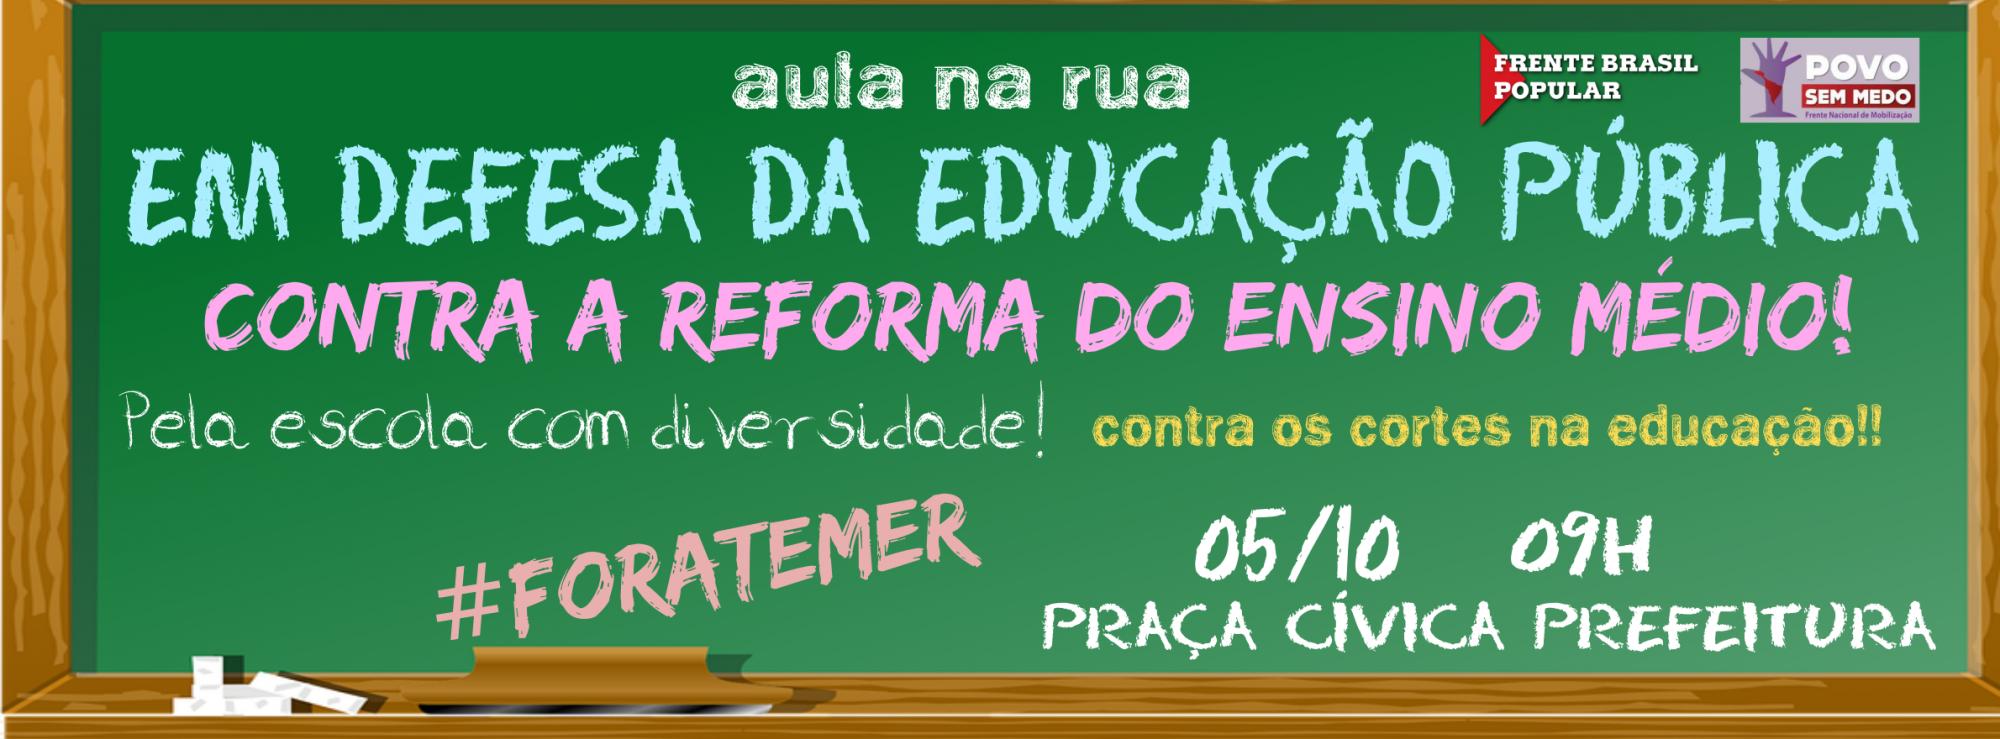 FRENTES DE APOIO PROMOVEM AULA PÚBLICA NESTA QUARTA